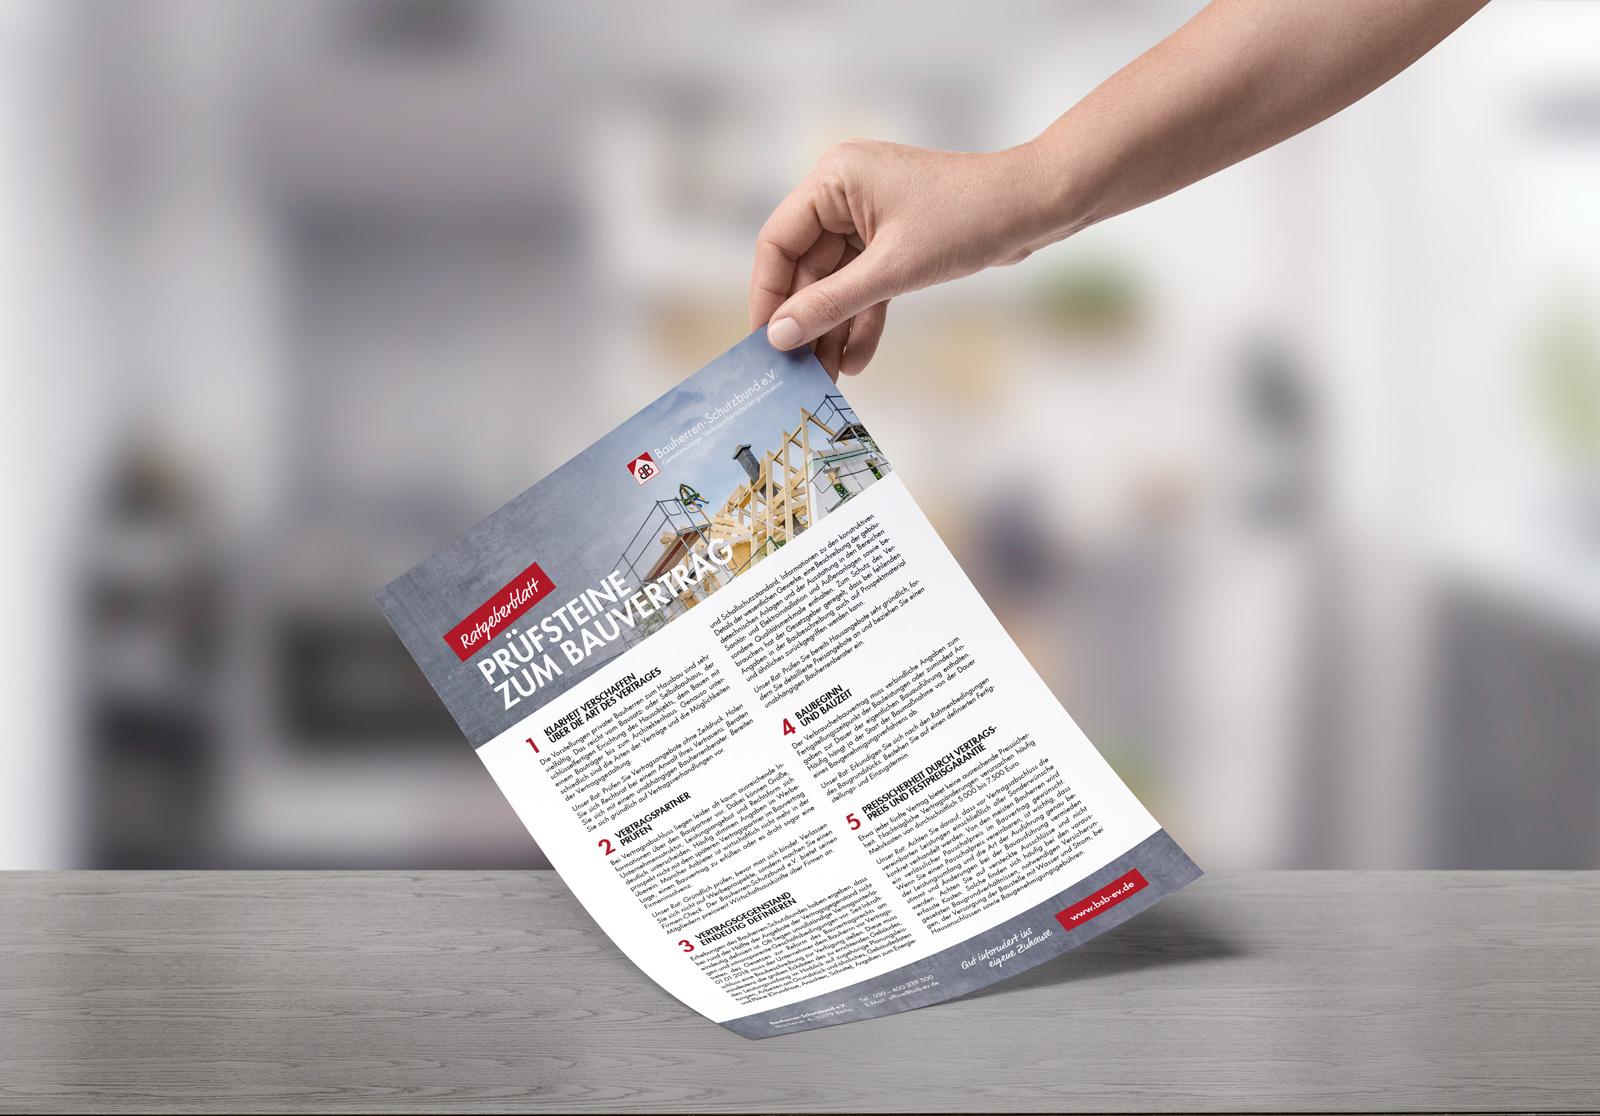 Bauherren Schutzbund e.V. – Ratgeberblatt